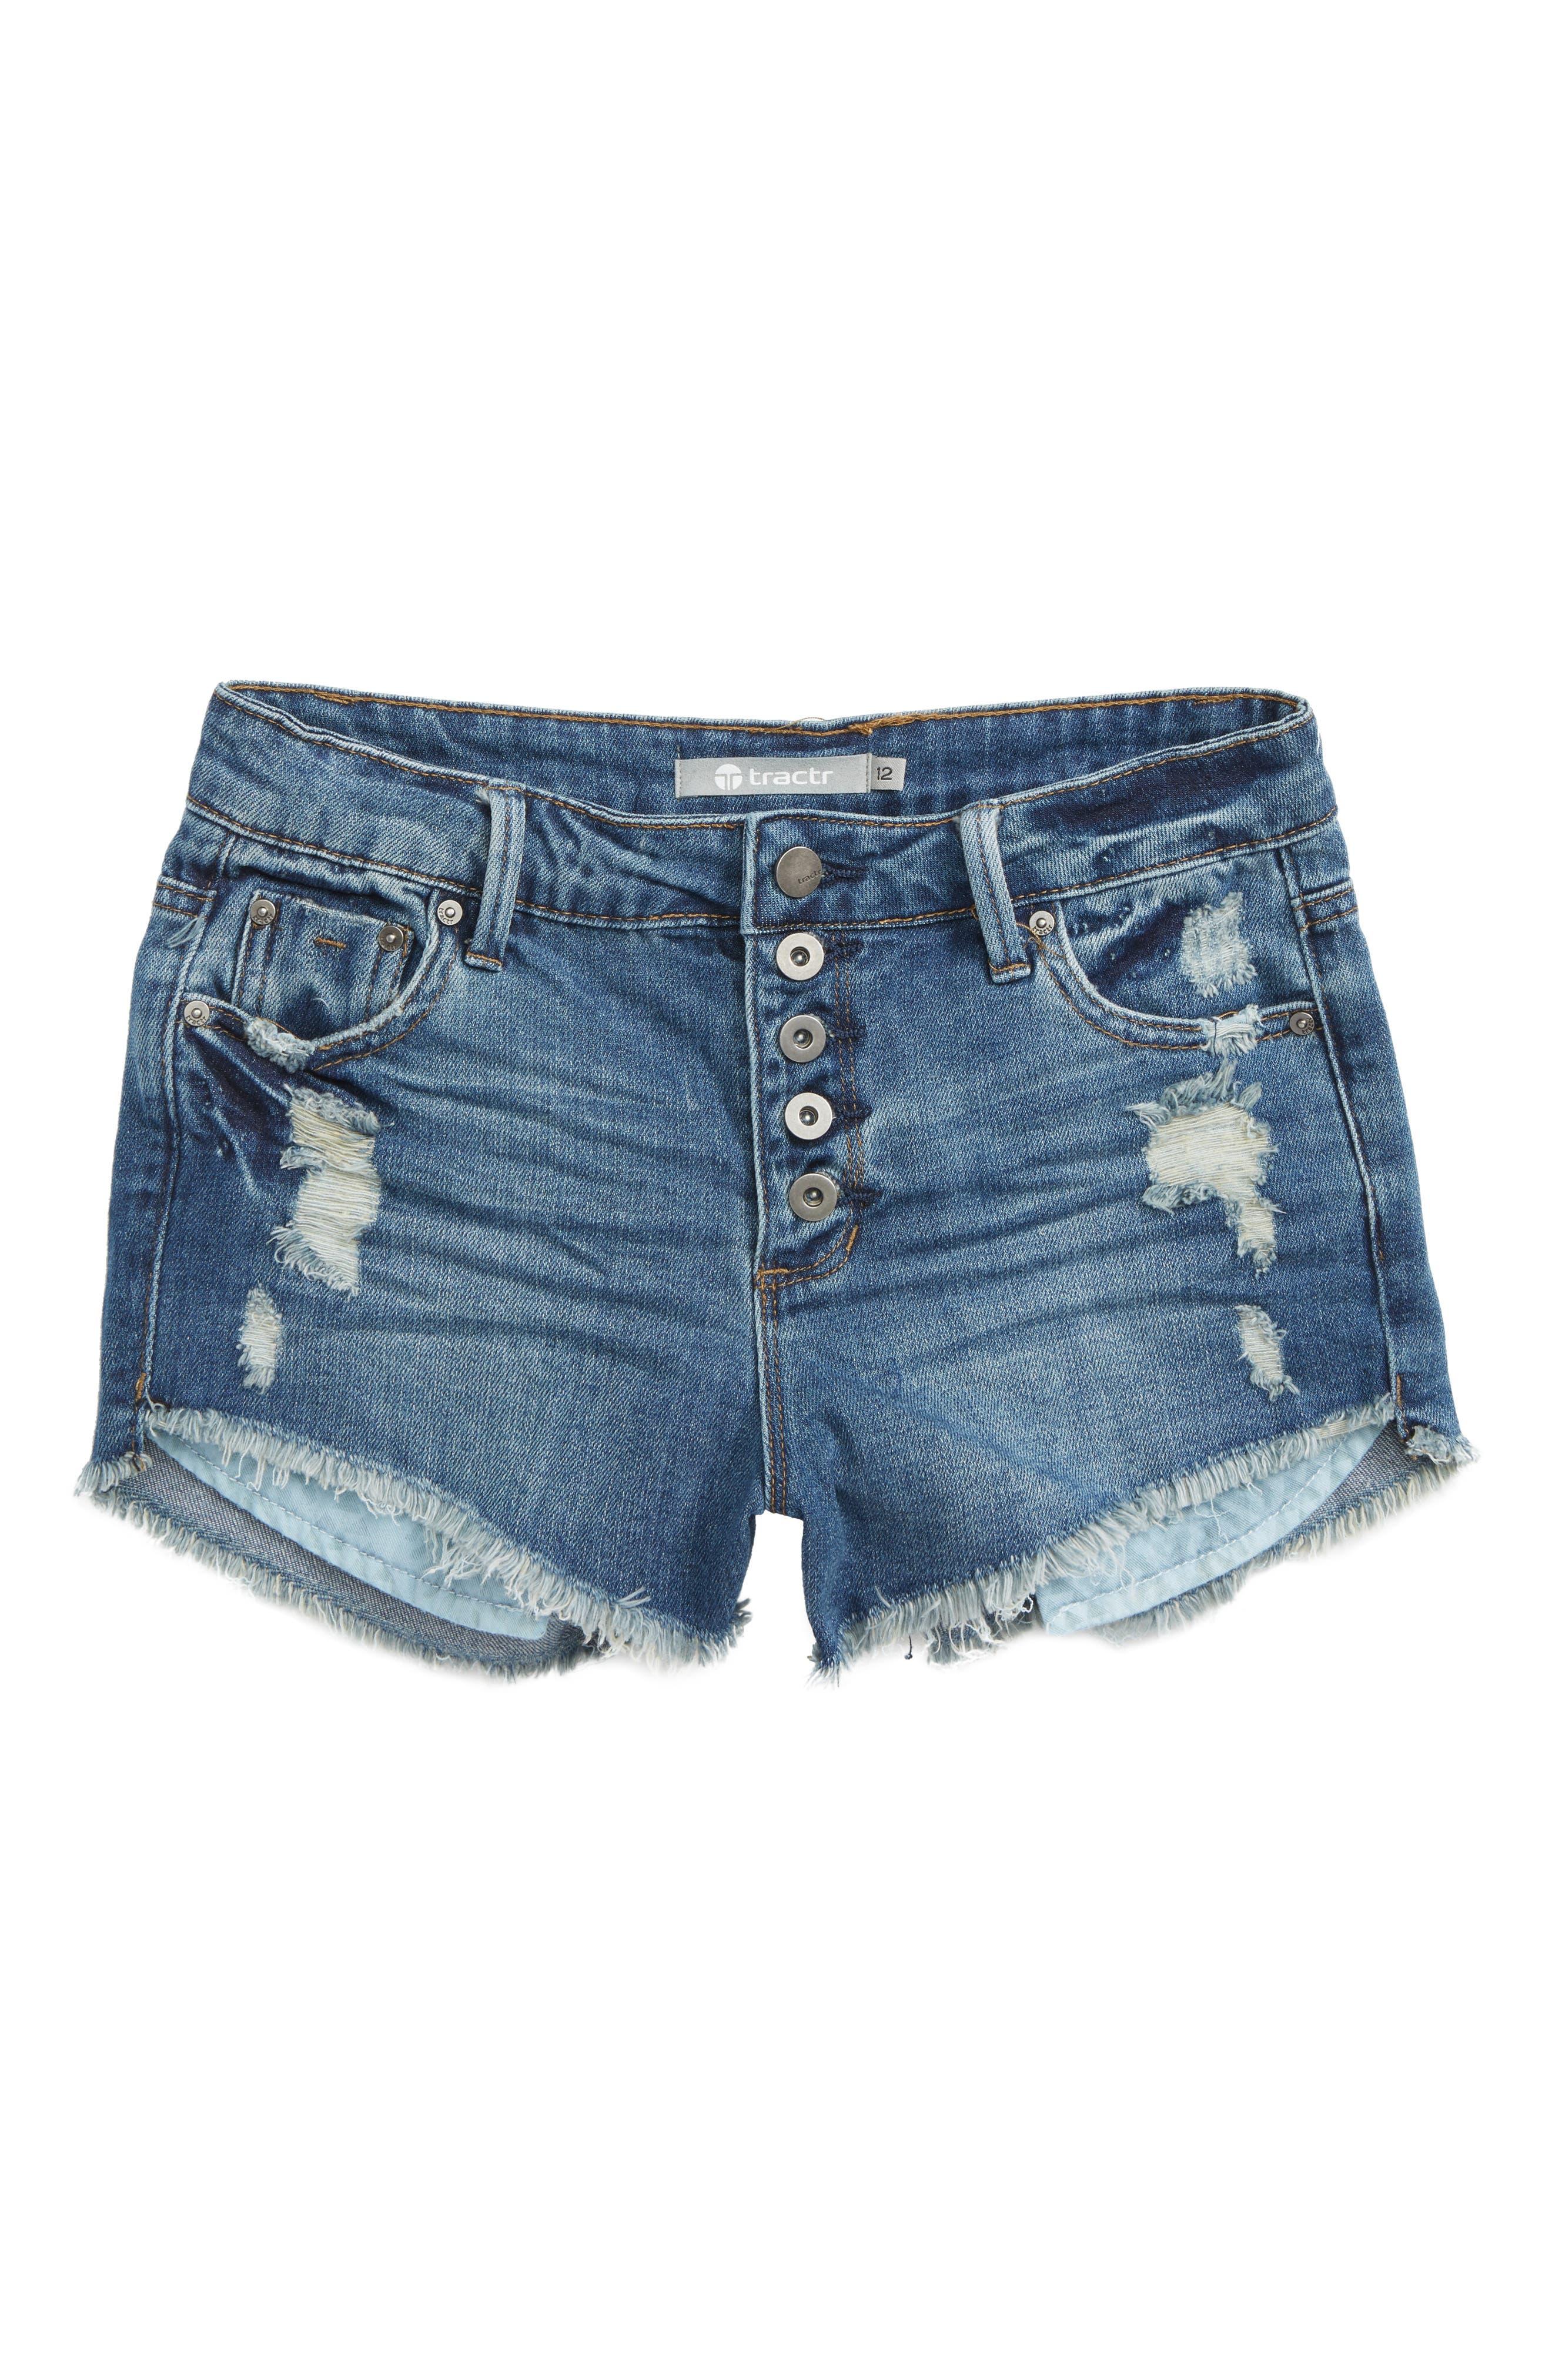 Tractr Fray Denim Shorts (Big Girls)